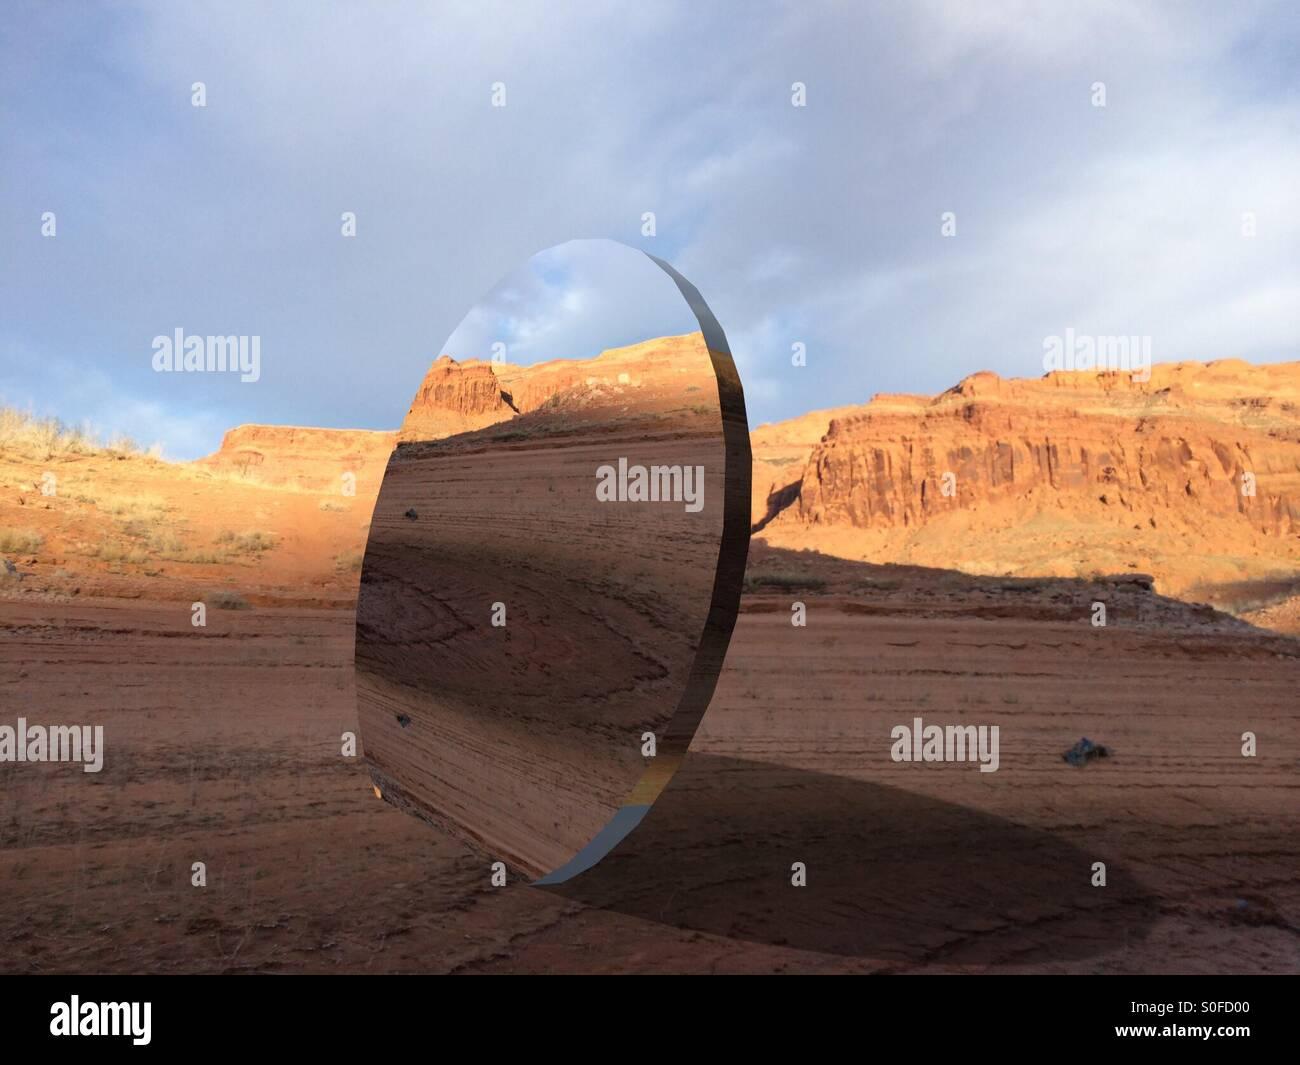 Espejo redondo grande en el desierto Imagen De Stock